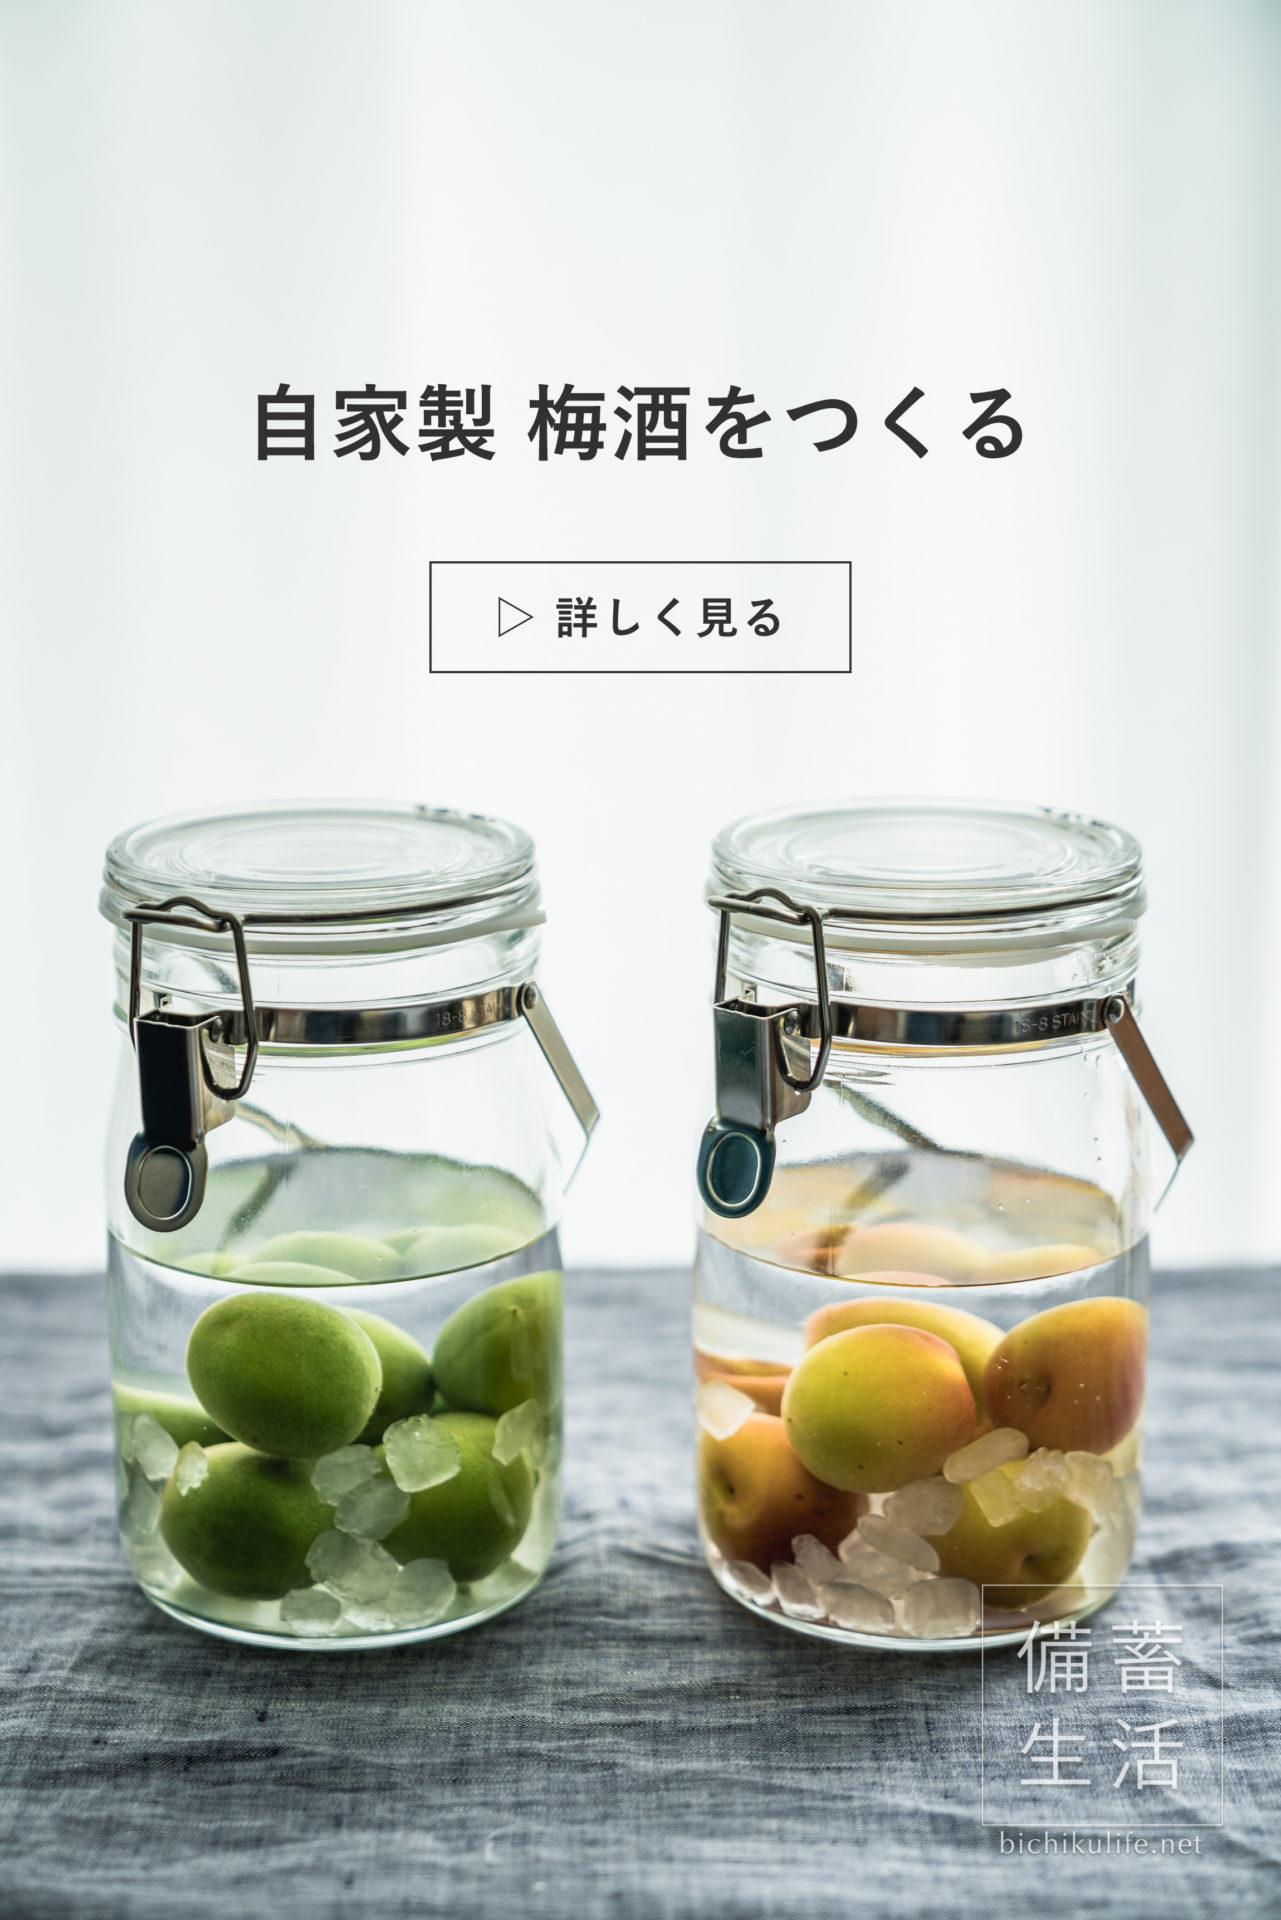 梅酒づくり 自家製梅酒を作るアイデア